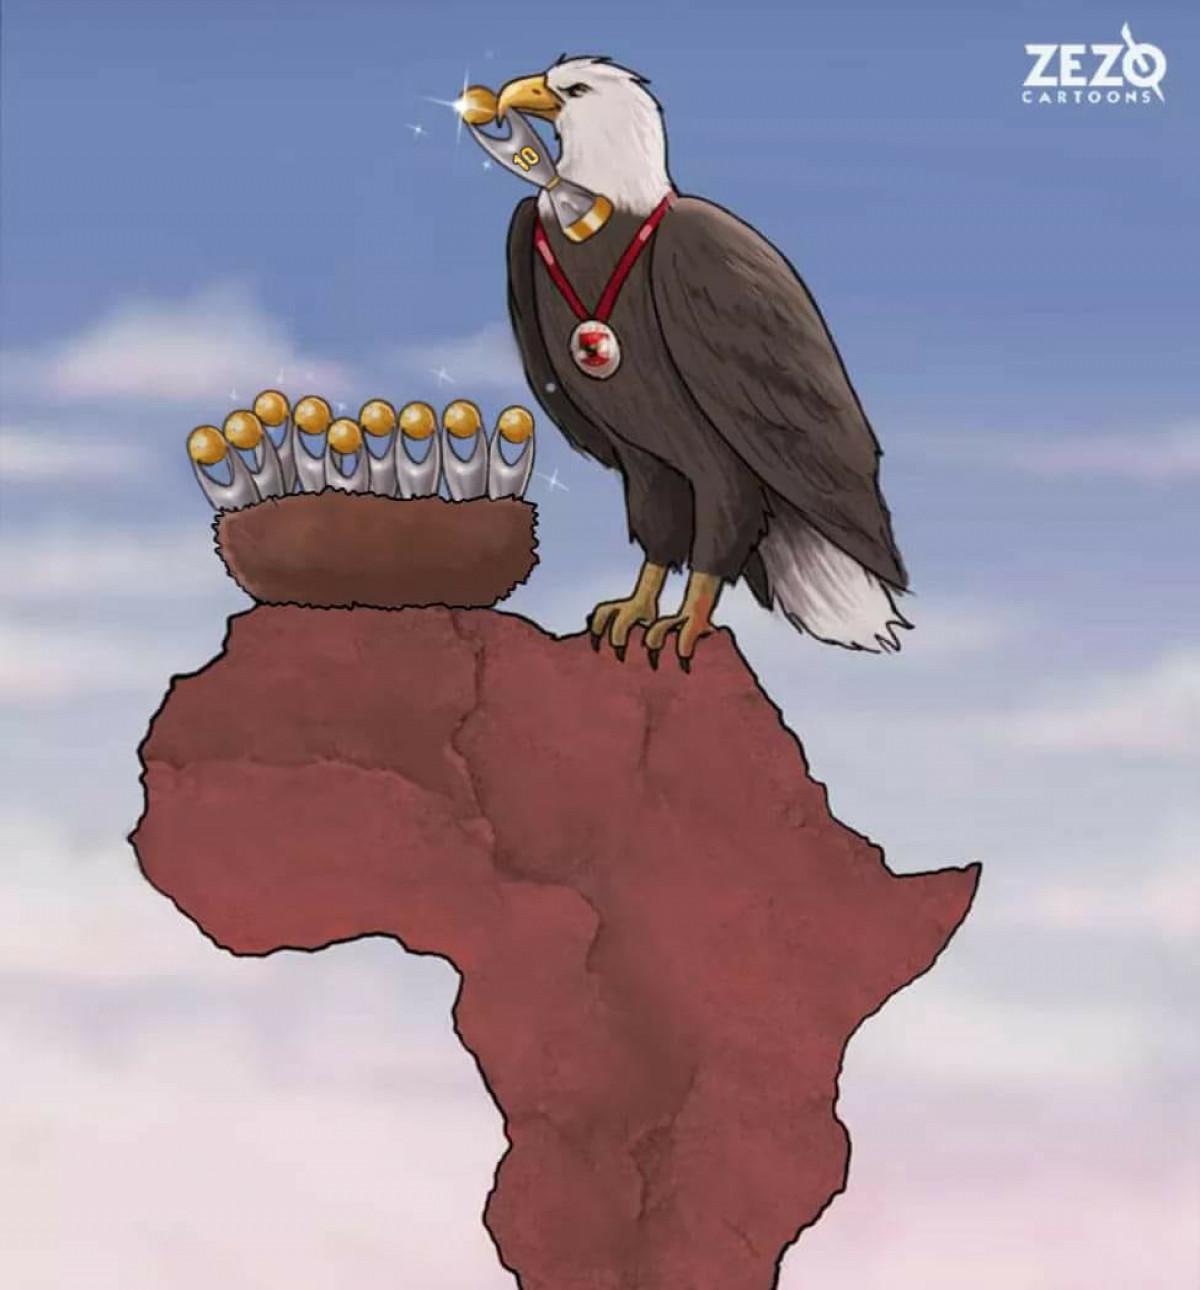 CLB Al Ahly (Ai Cập) tiếp tục thống trị Champions League châu Phi. (Ảnh: Zezo Cartoons).